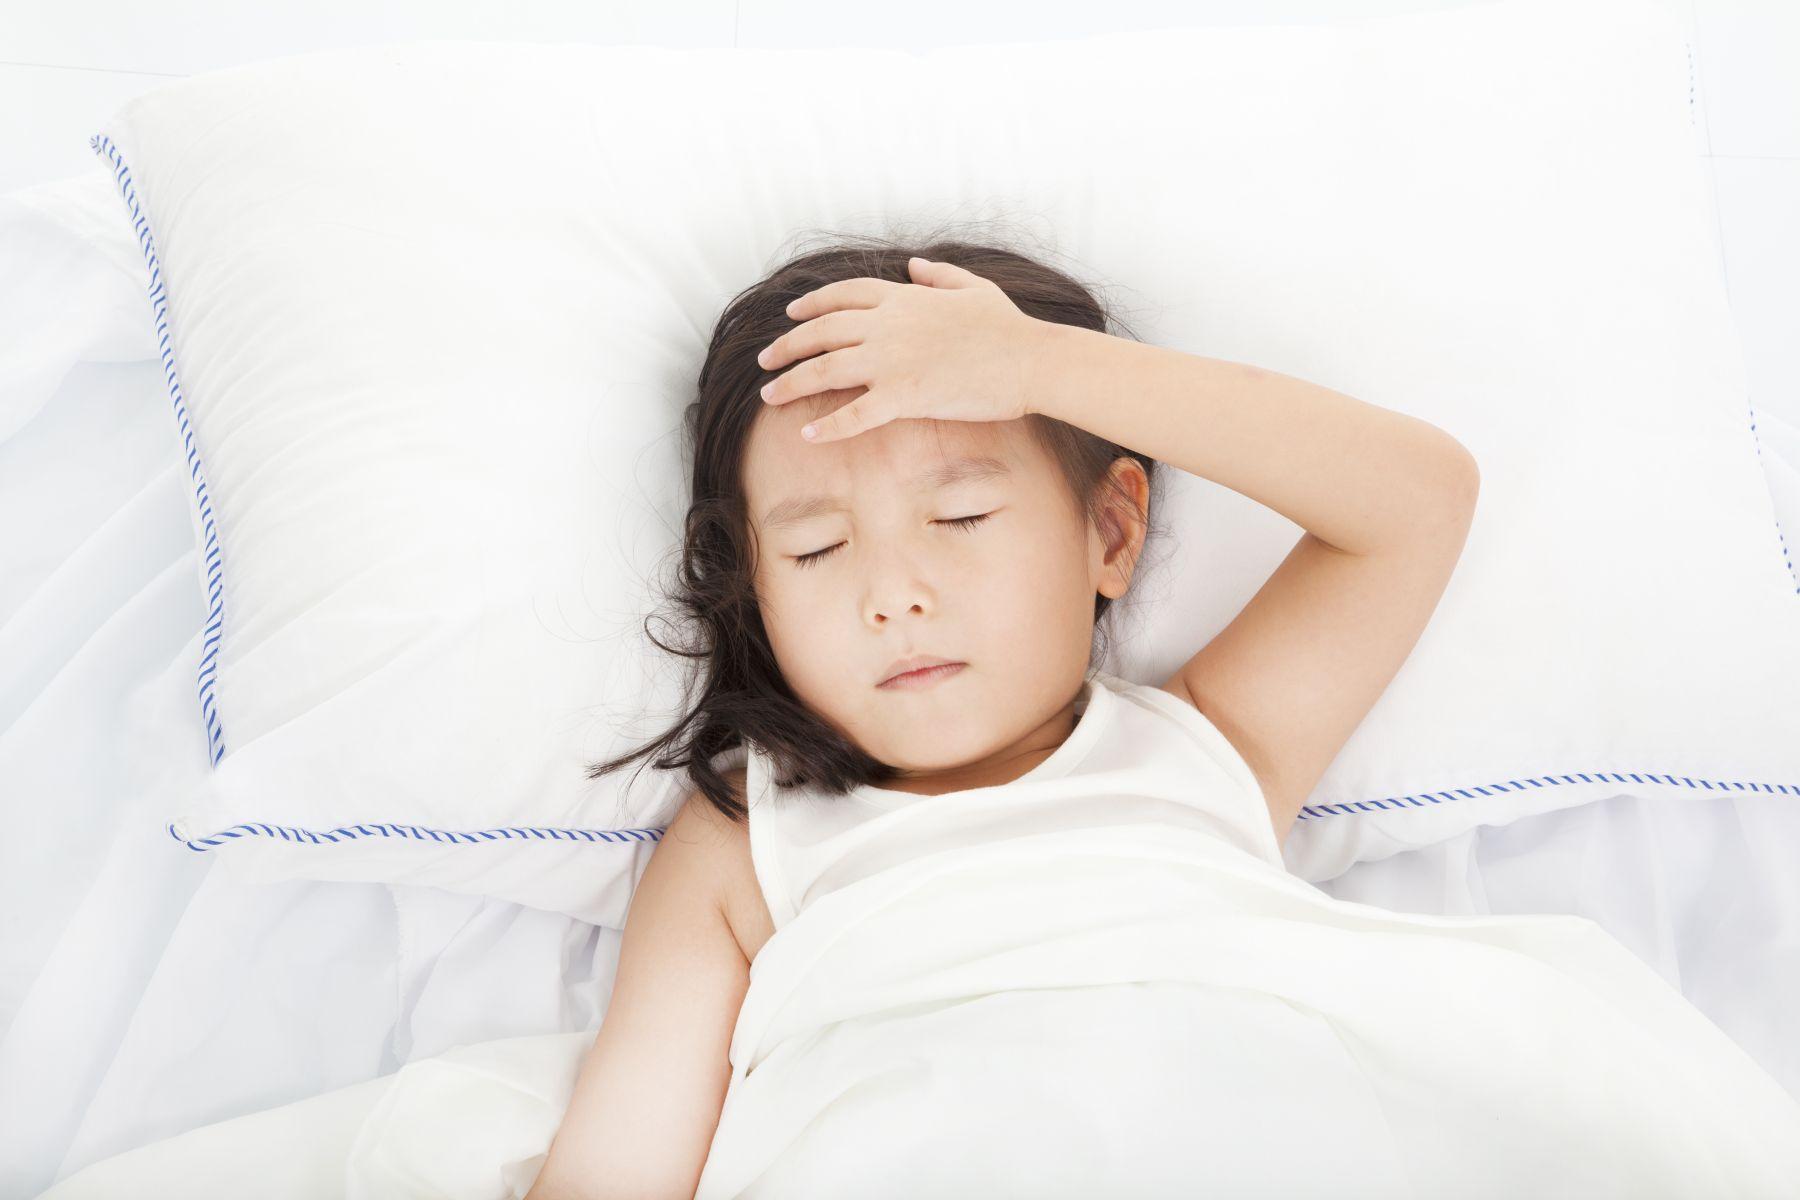 女童併發腦膜炎3天死亡!流感到頂點了嗎?台大權威醫師黃立民給答案